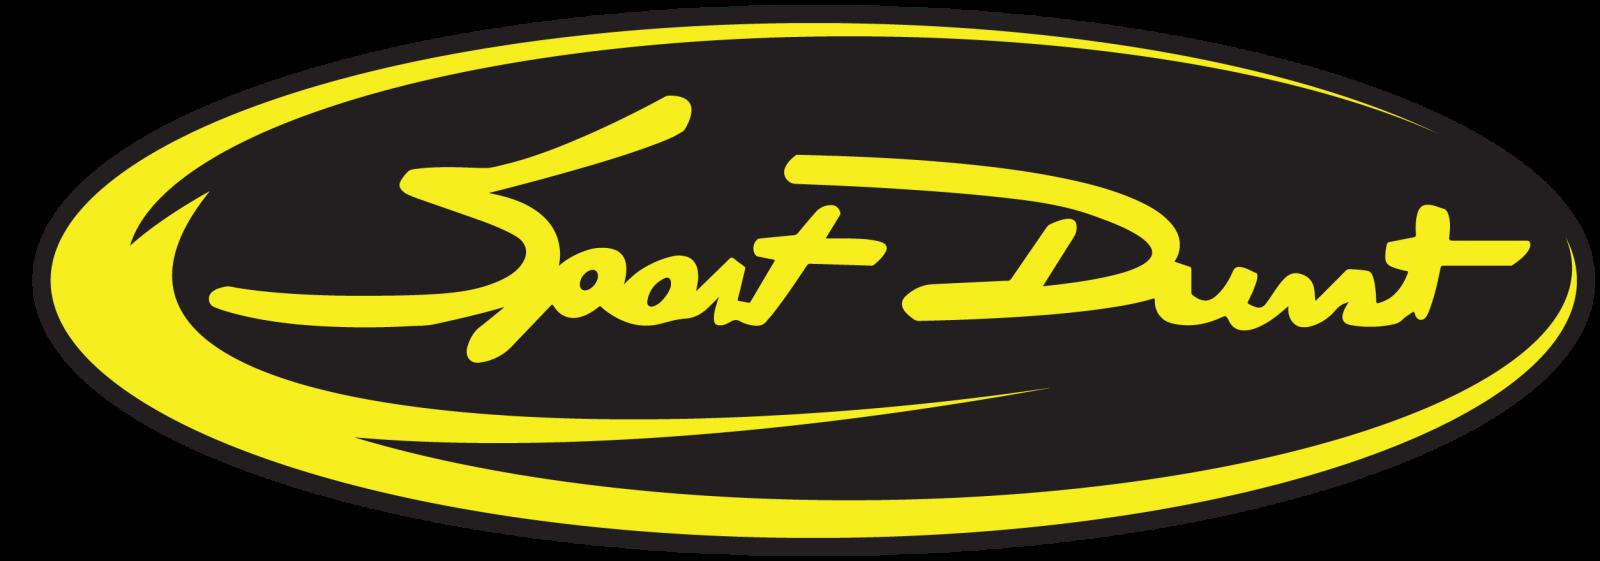 Sport Durst Durham >> Sport Durst 877-262-3223 Auto Dealer Durham NC Mazda Hyundai Chrysler Dodge Jeep